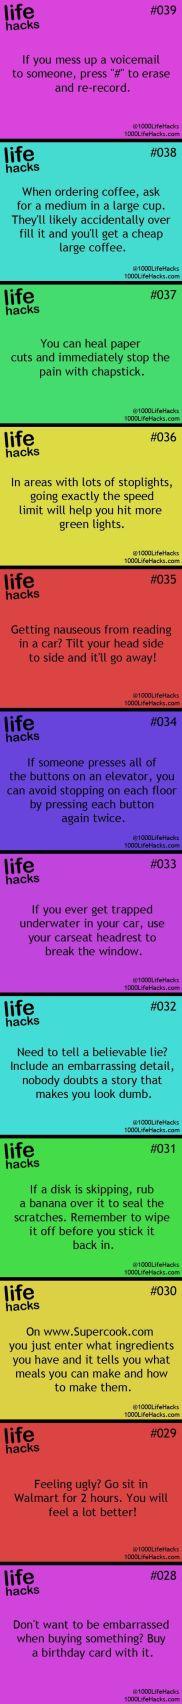 Life hack list